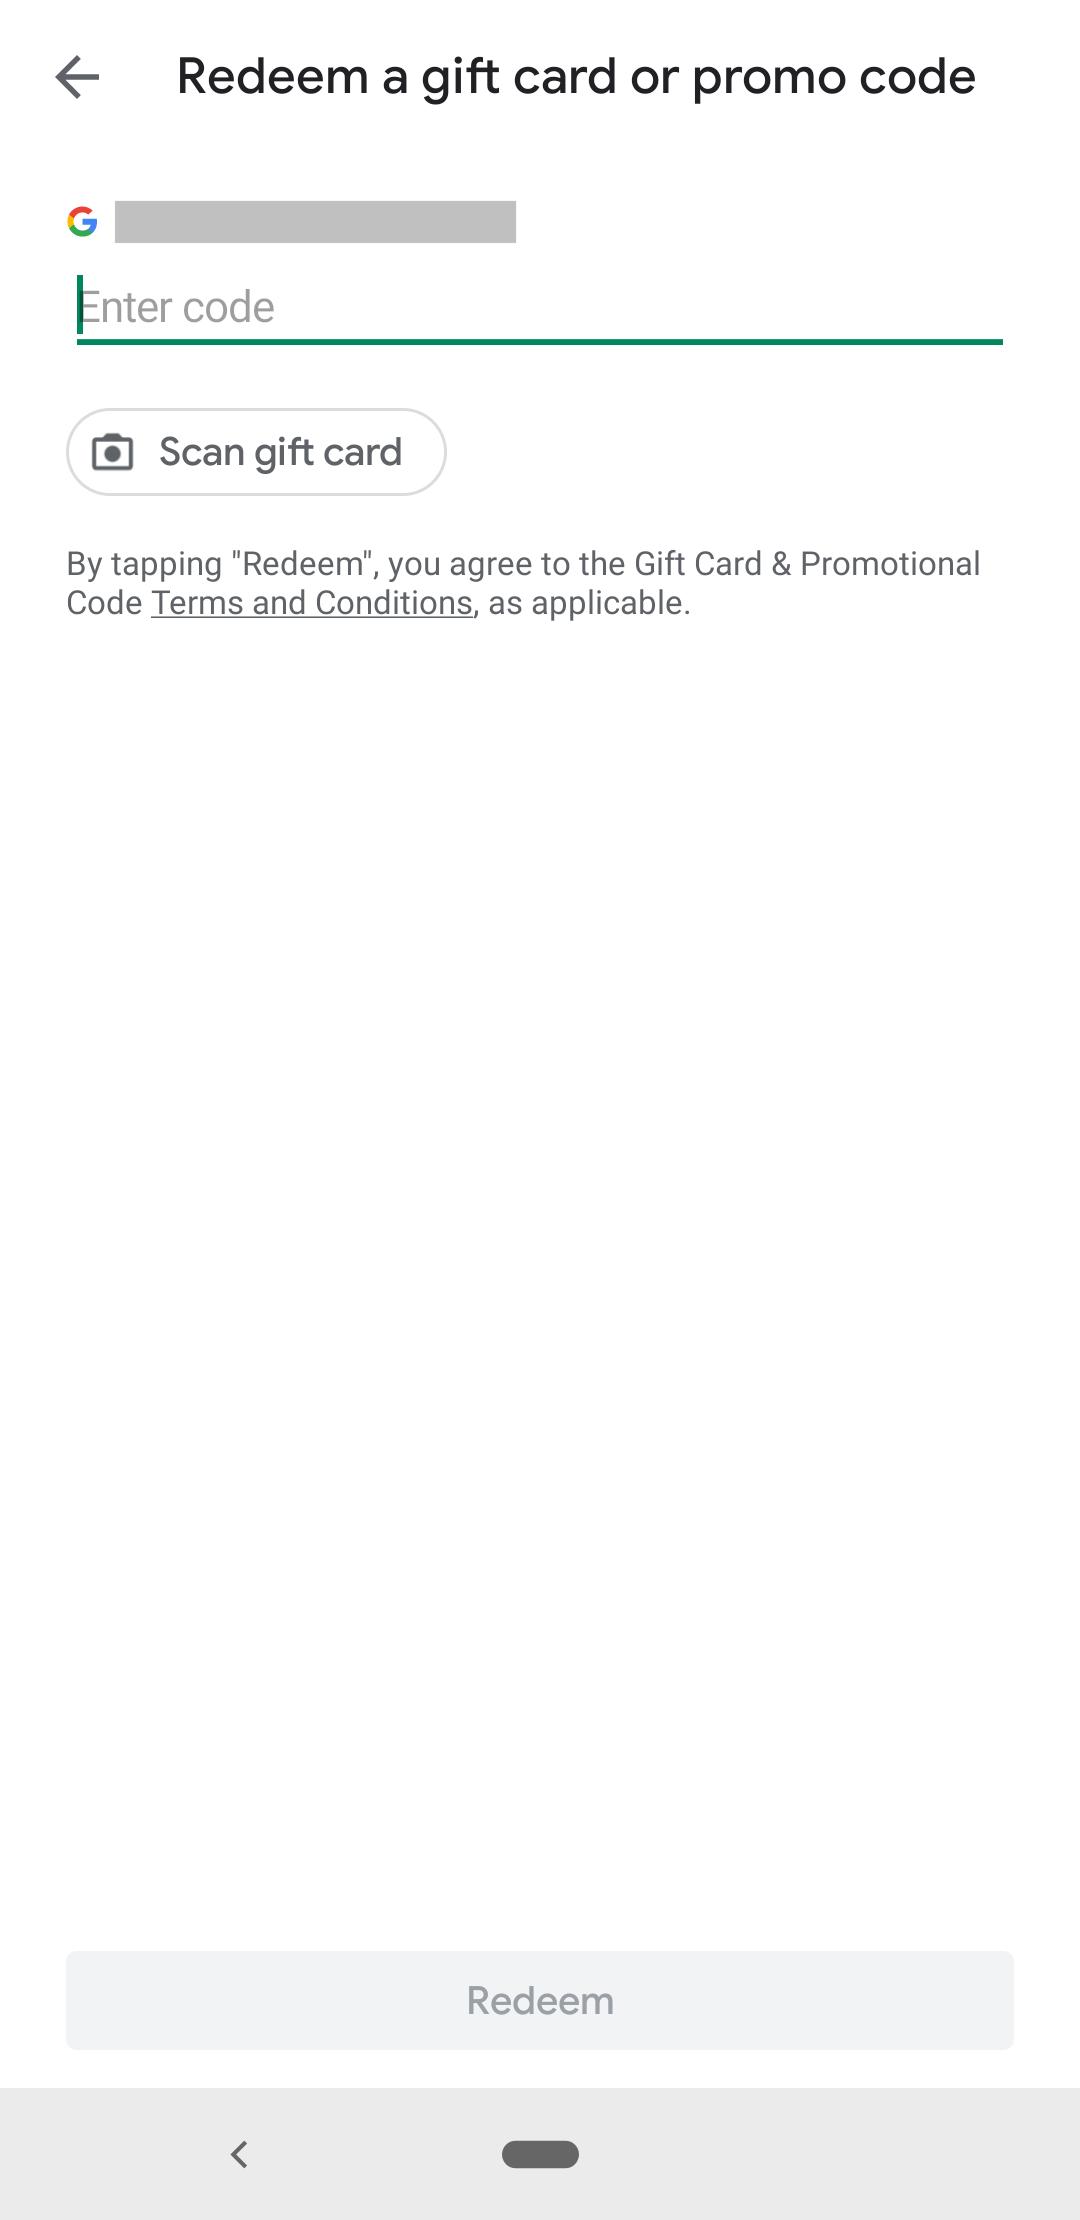 プロモーション コード画面